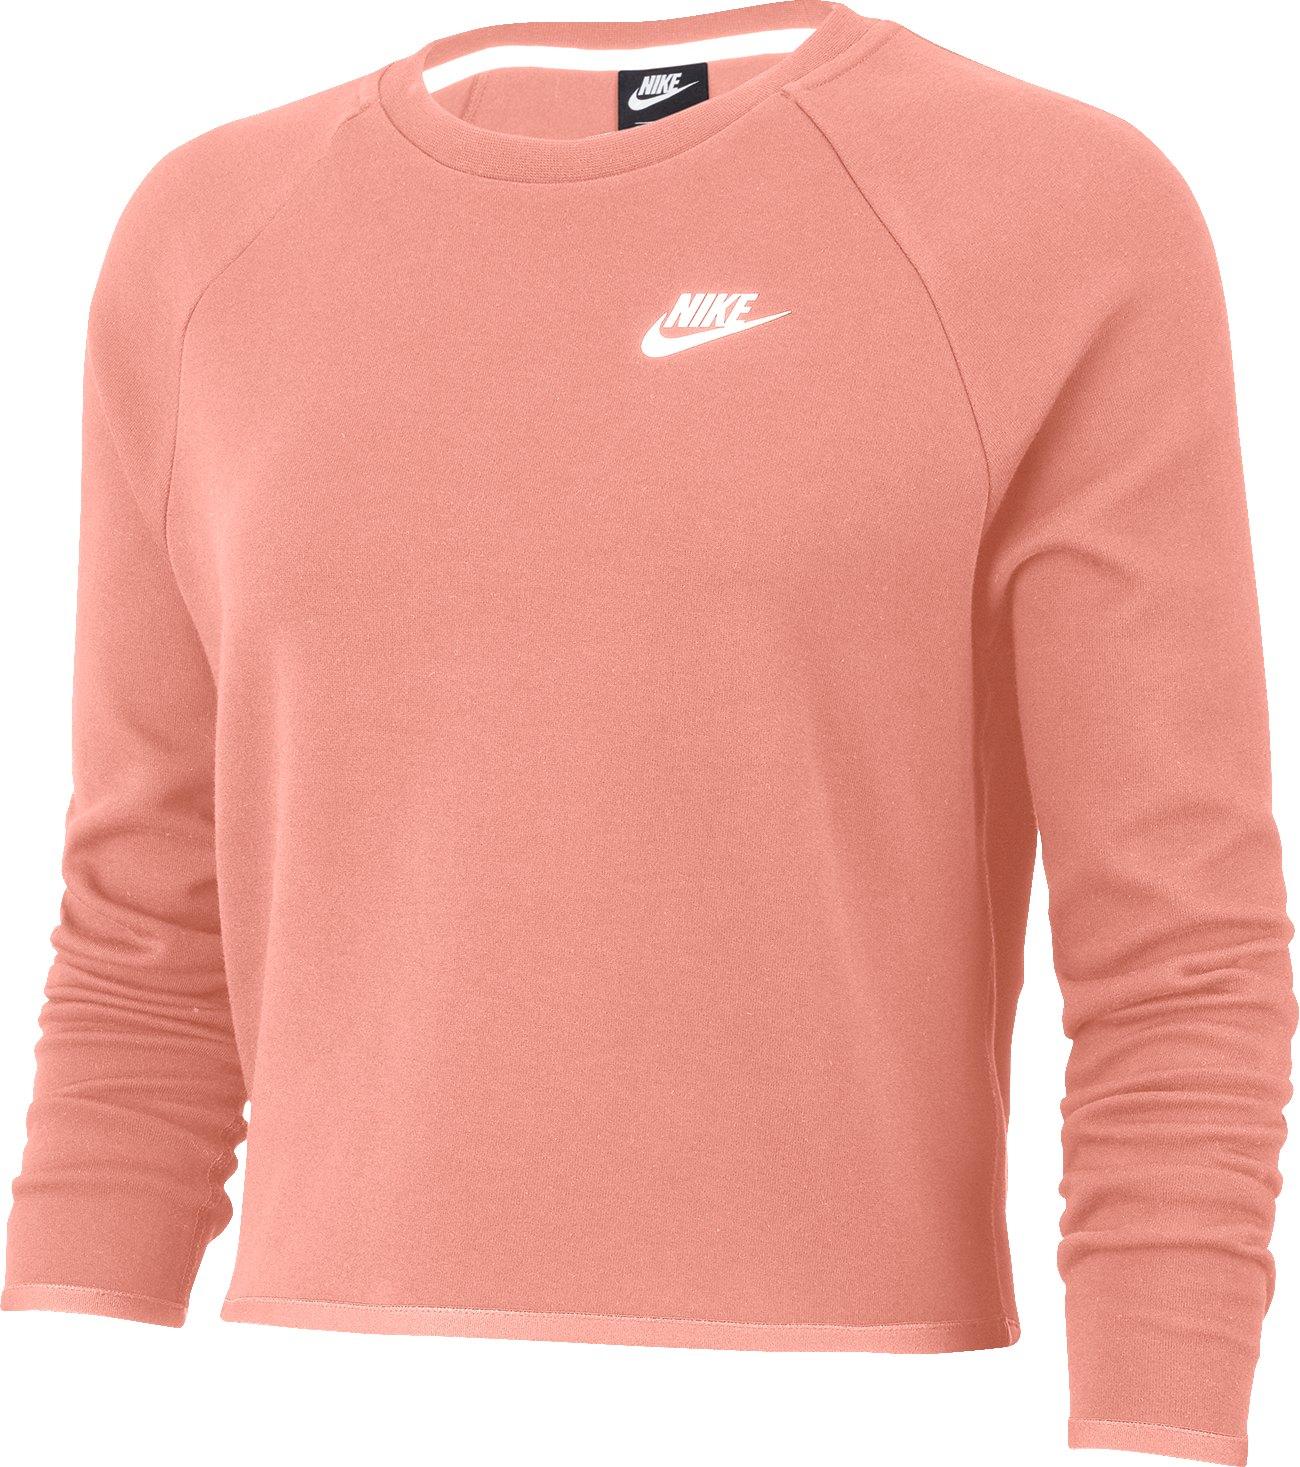 Nike Tech Crew Fleece Longsleeve Damen Pink F606 - pink